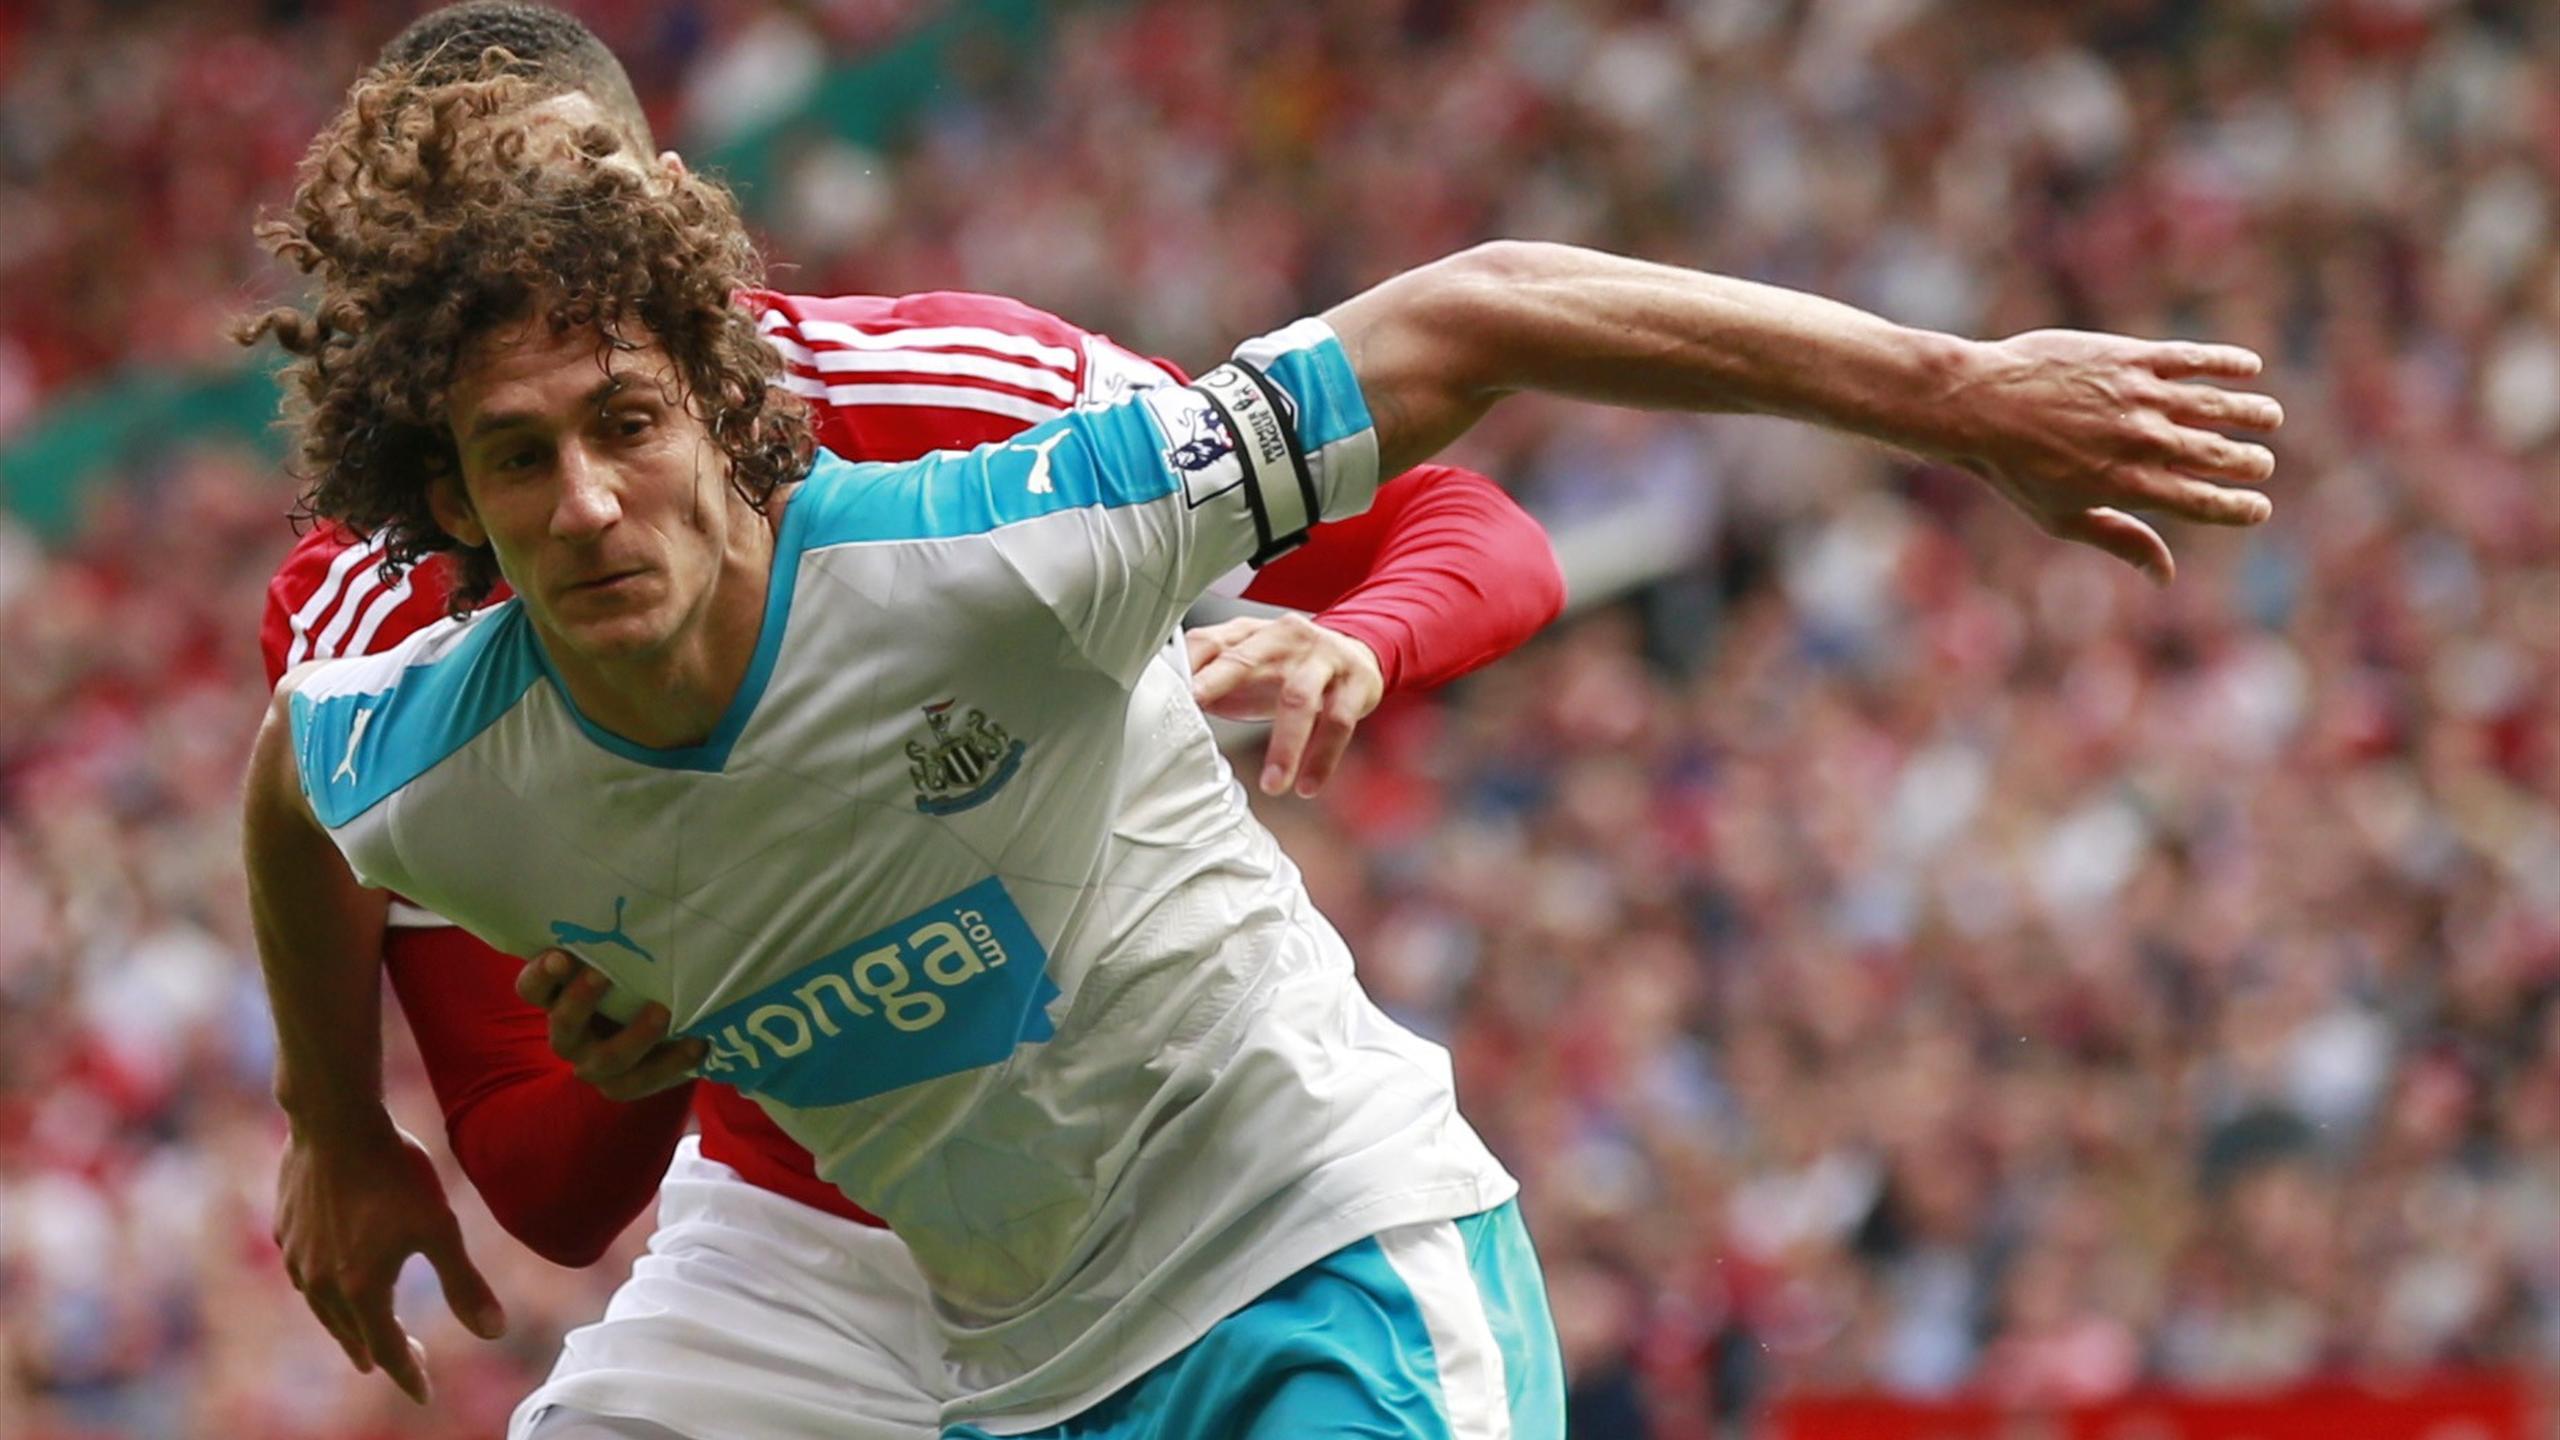 Newcastle United's Fabricio Coloccini in action